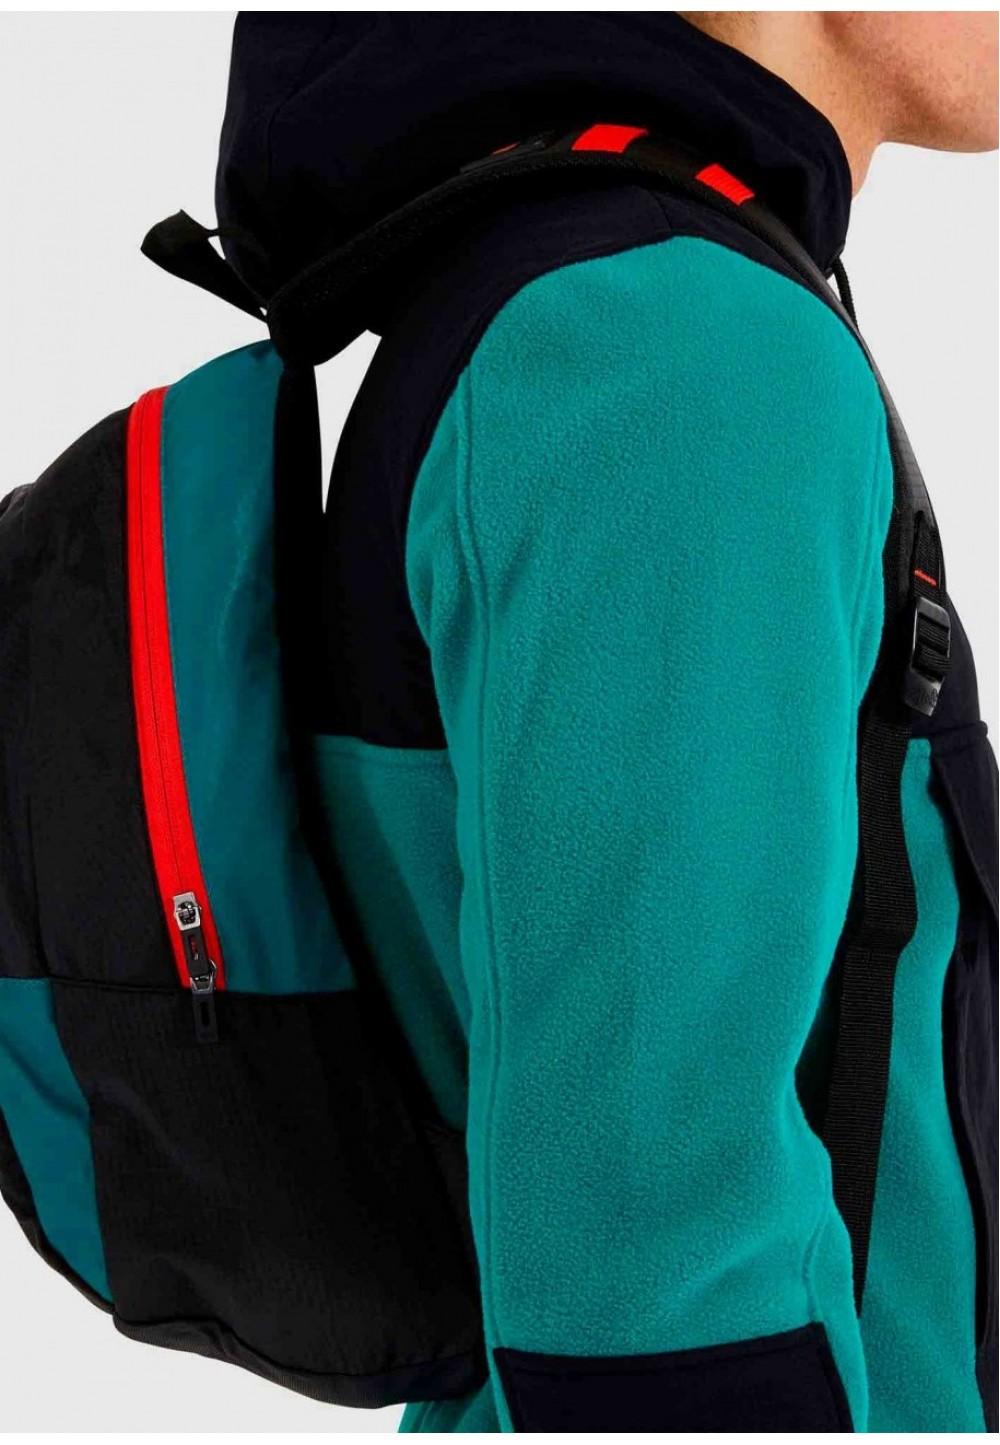 Рюкзак унисекс с прорезиненным принтом